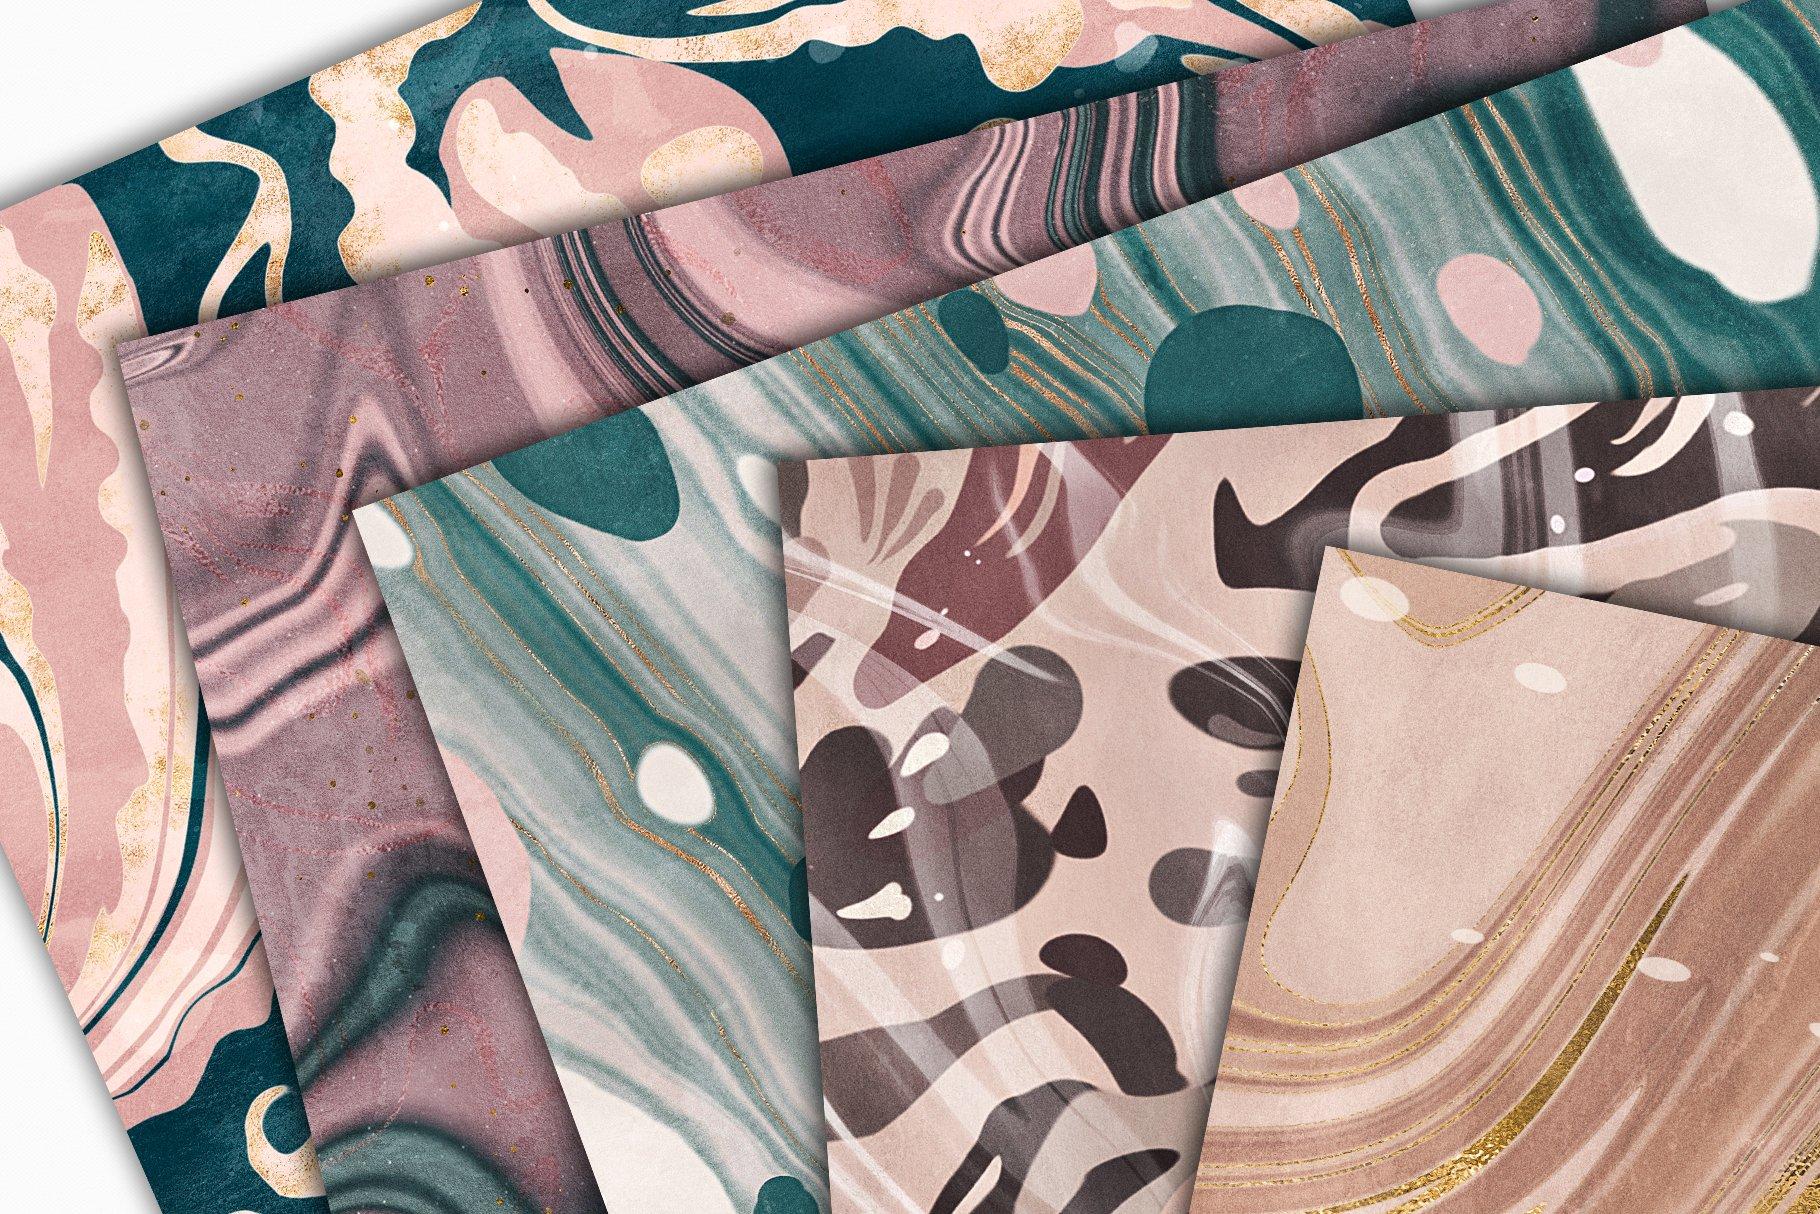 [淘宝购买] 15款抽象复古高清大理石金色箔纸纹理背景图片设计素材合集 Marbled Paper Texture Collection插图8